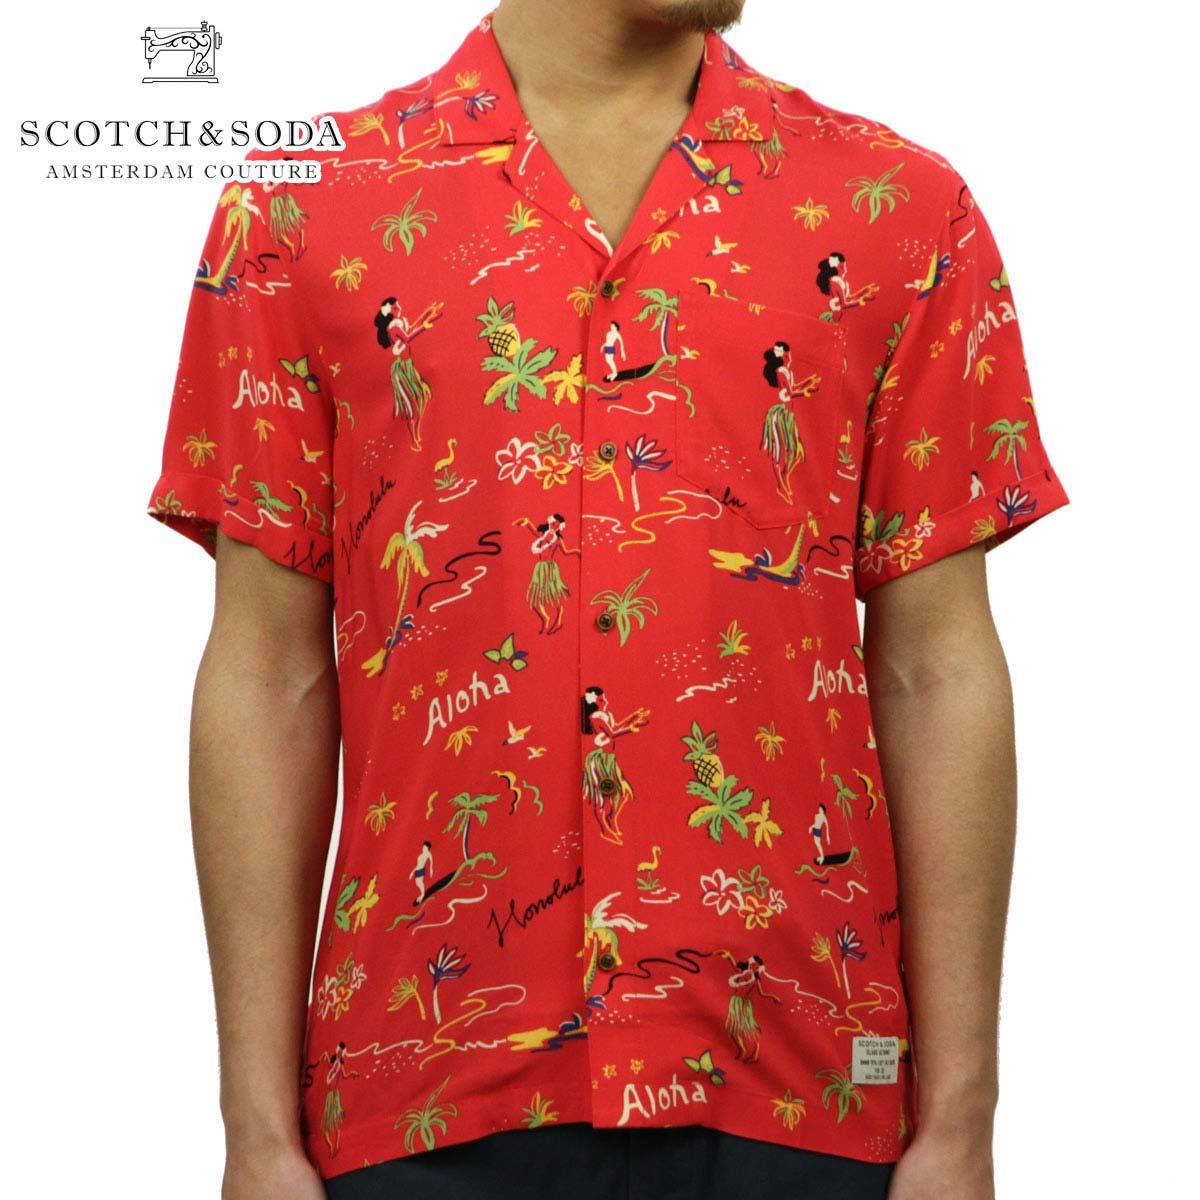 スコッチアンドソーダ SCOTCH&SODA 正規販売店 メンズ 半袖開襟シャツ オープンカラーシャツ HAWAIIAN FIT ALL OVER PRINTED HAWAII SHIRT 148931 0217 COMBO A